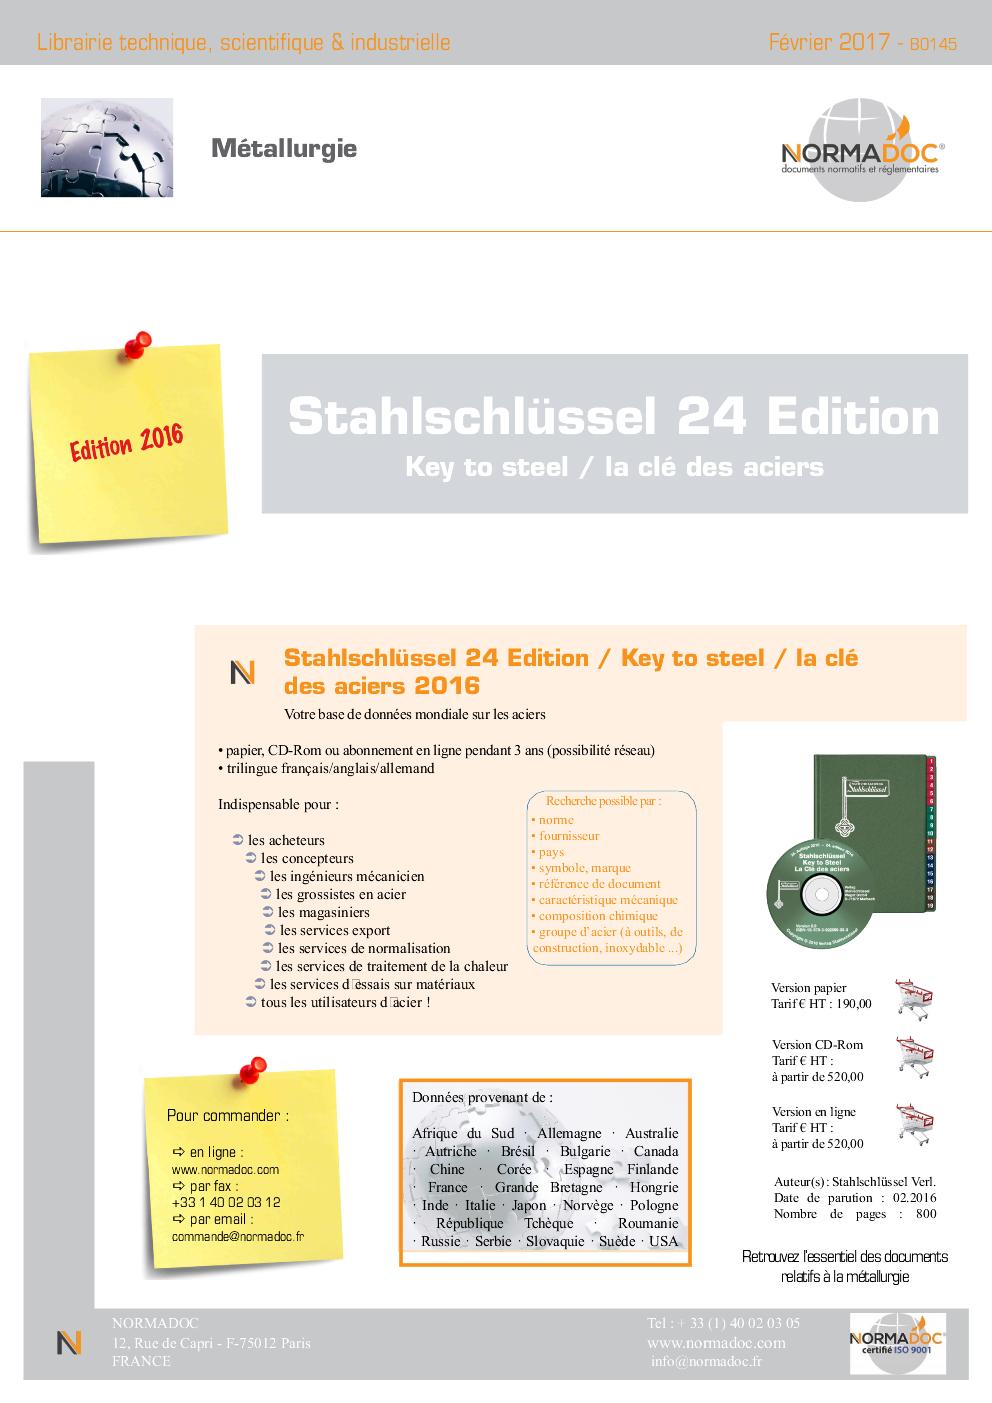 Stahlschlüssel 24ème Editon 2016 - Clé des aciers - Key to Steel